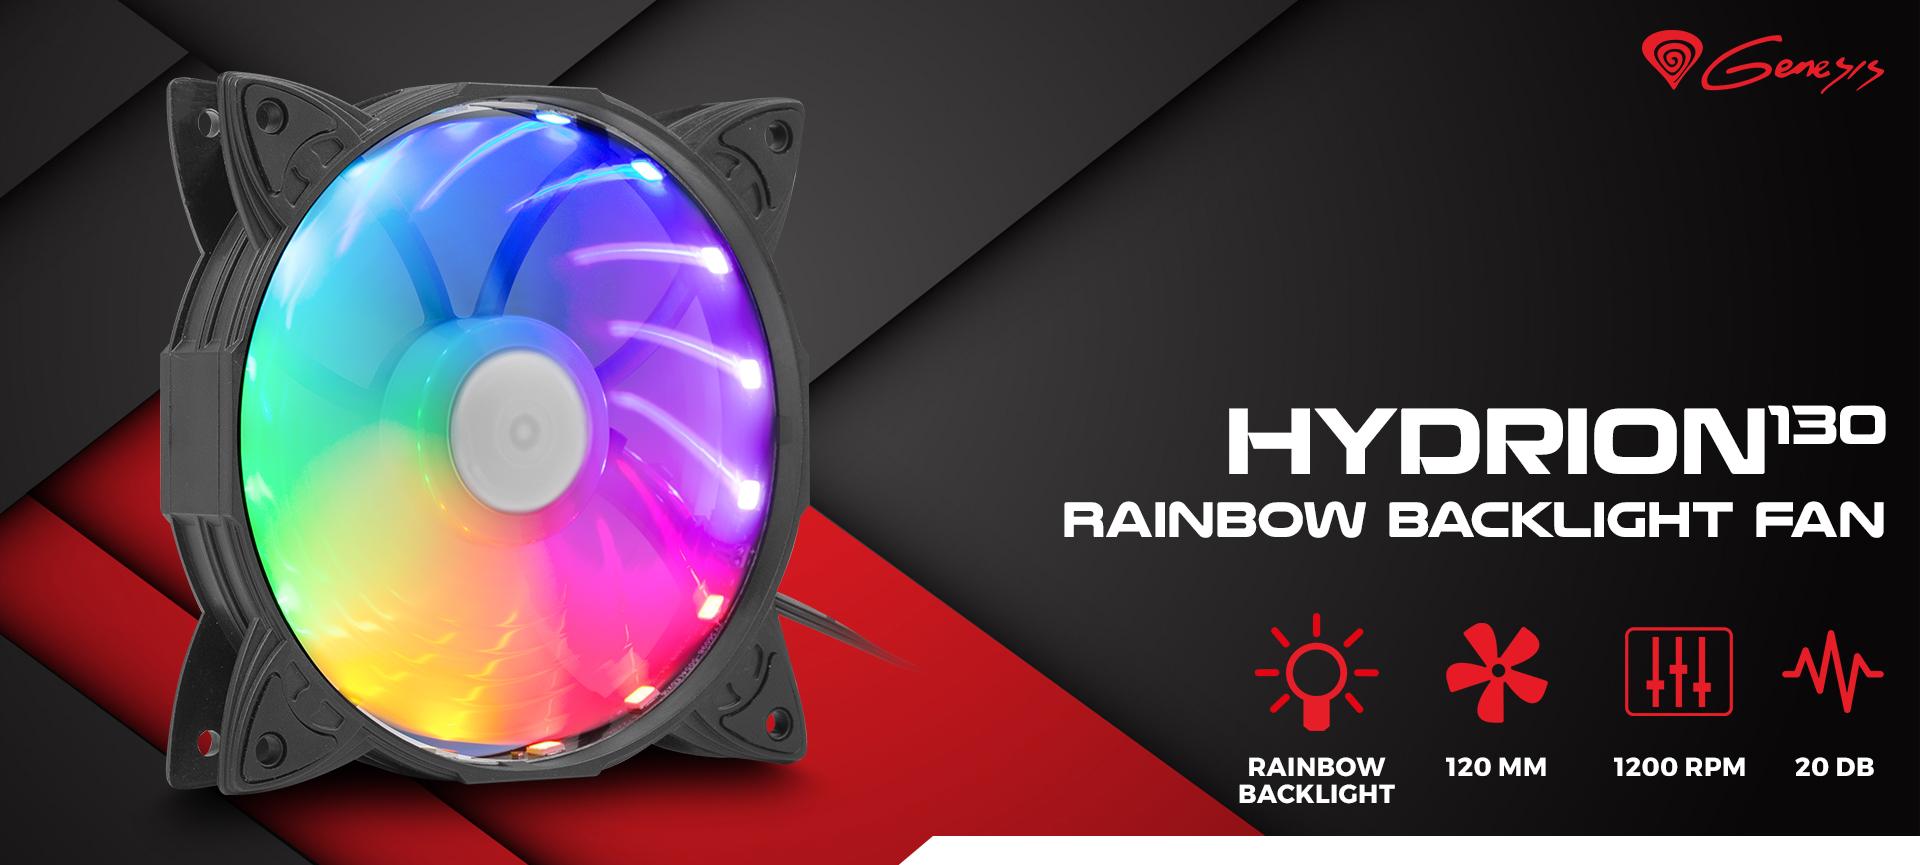 fan genesis hydrion 130 gökkuşağı led 120mm 1